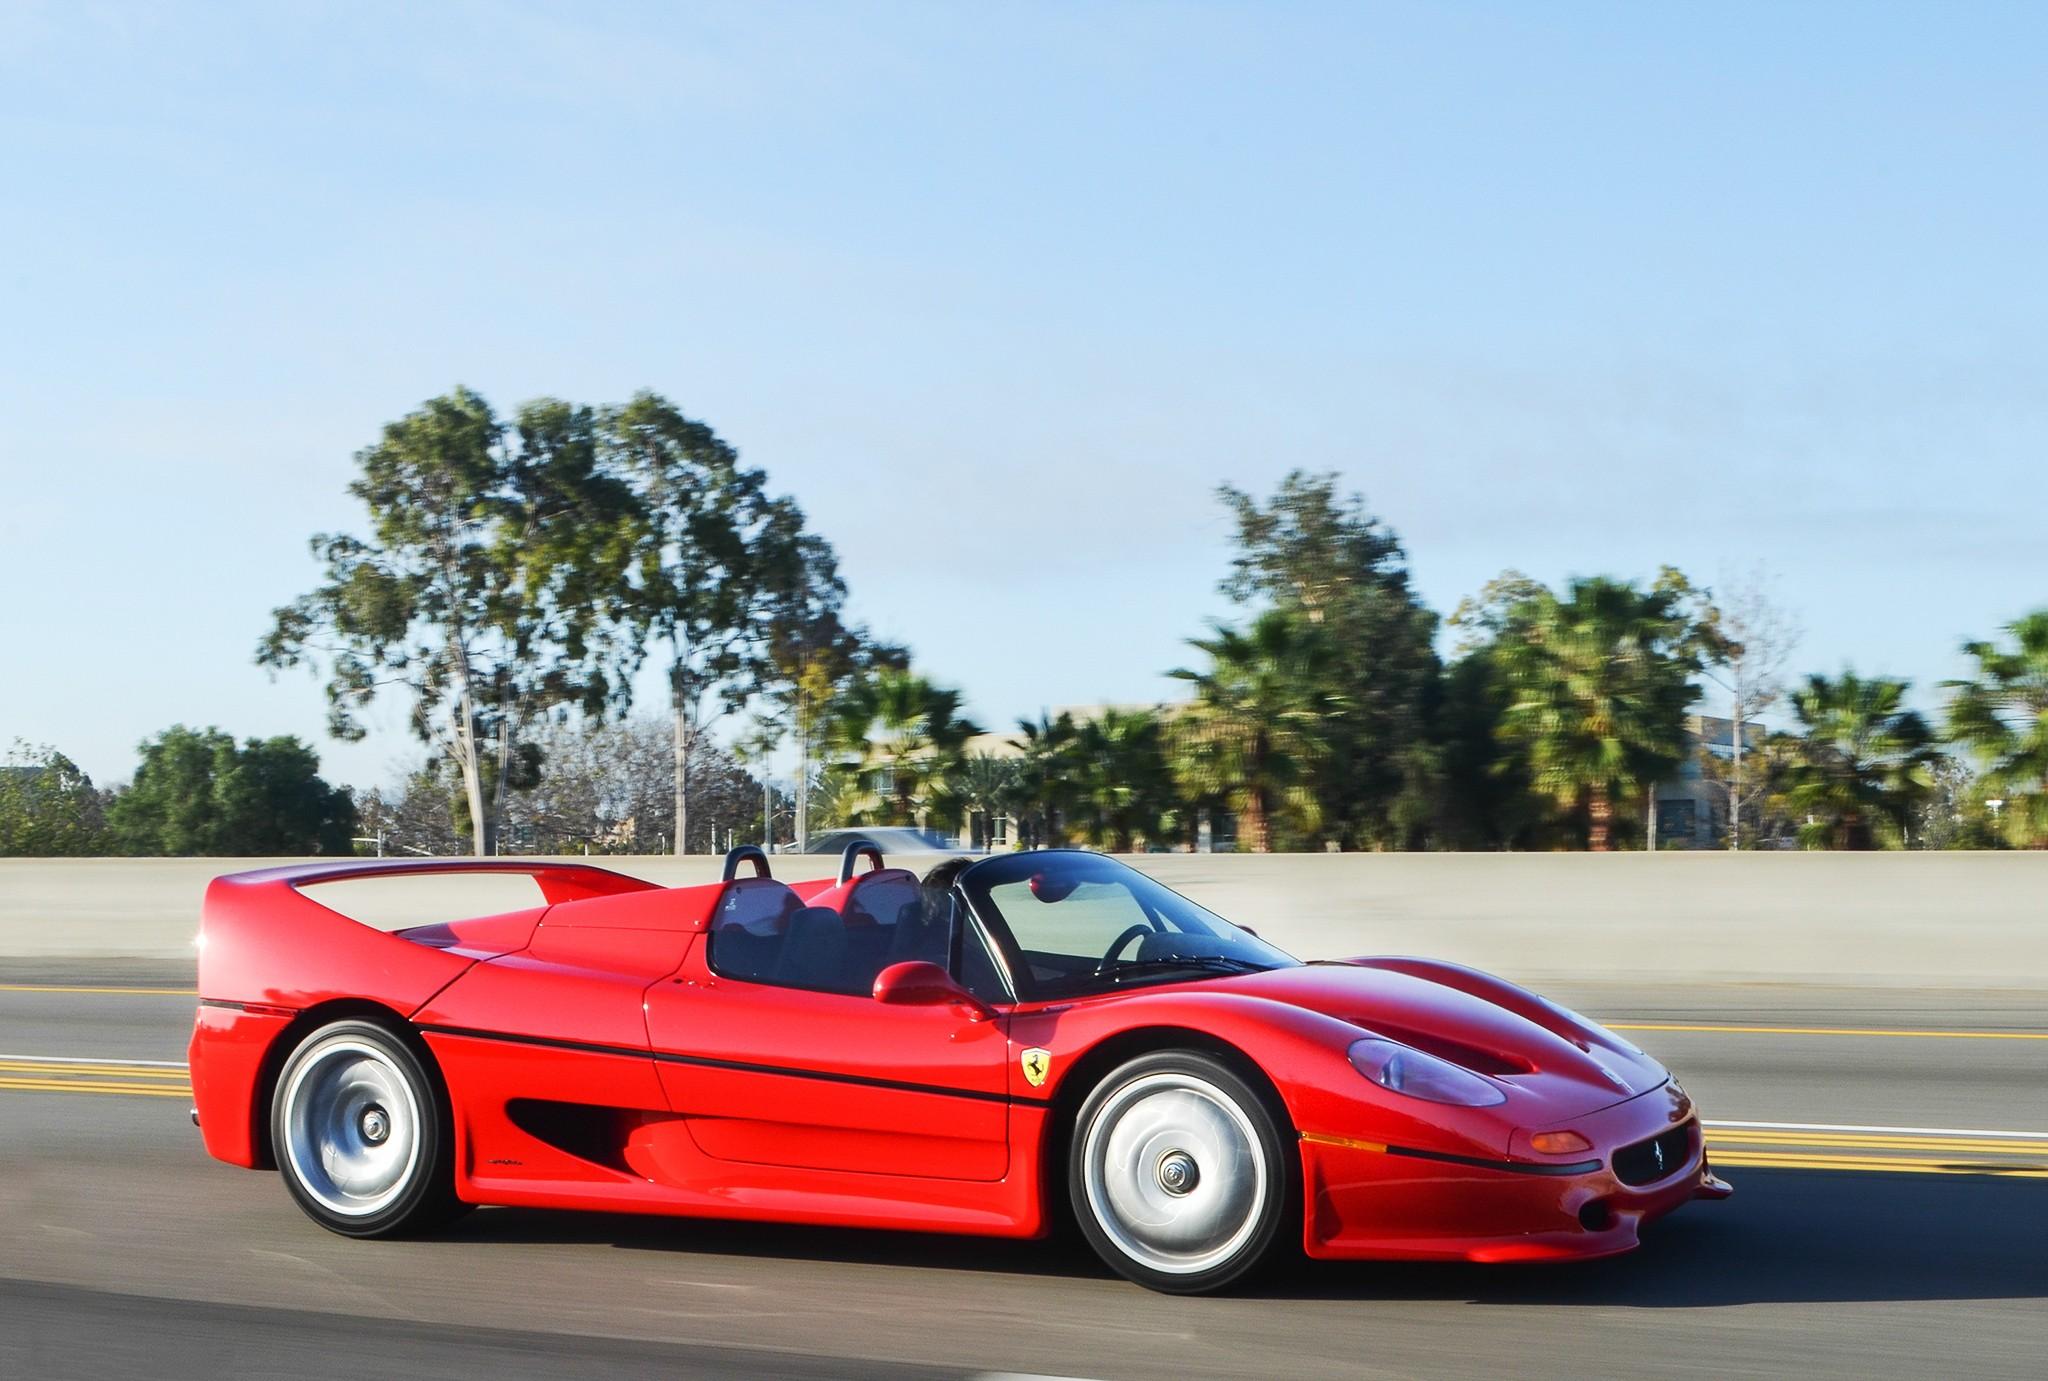 Ferrari f50 specs 1995 1996 1997 autoevolution ferrari f50 1995 1997 vanachro Choice Image